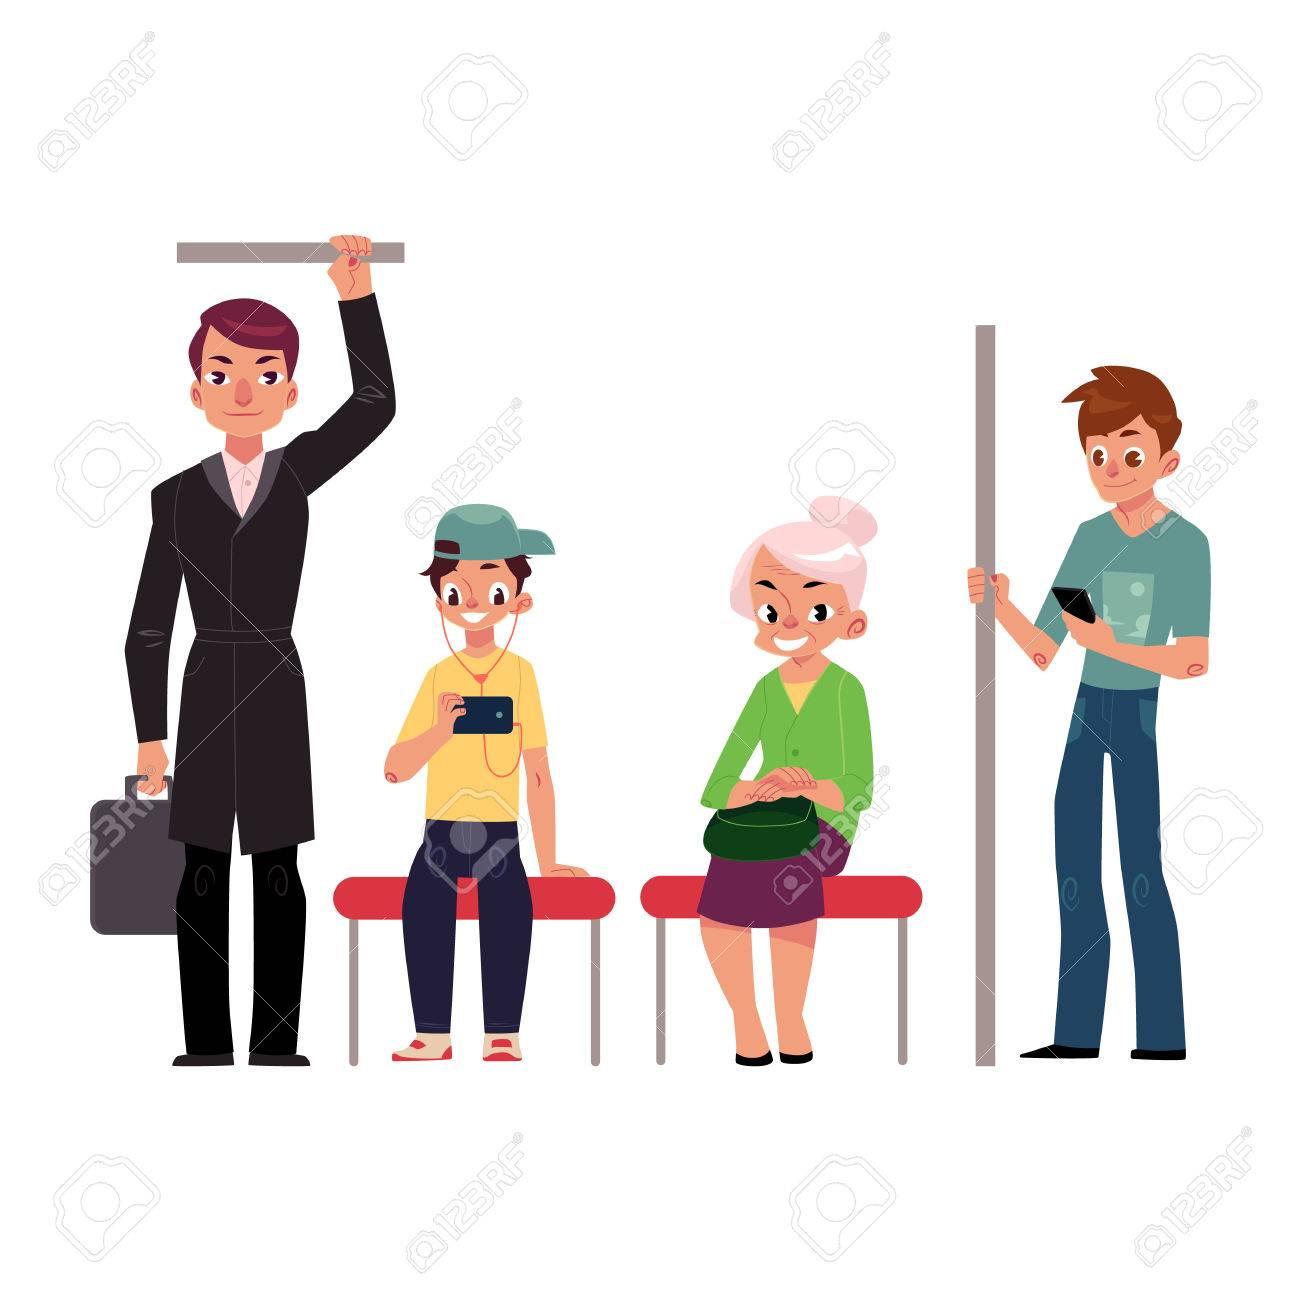 la gente joven y viejo sentado y de pie en el tren de metro